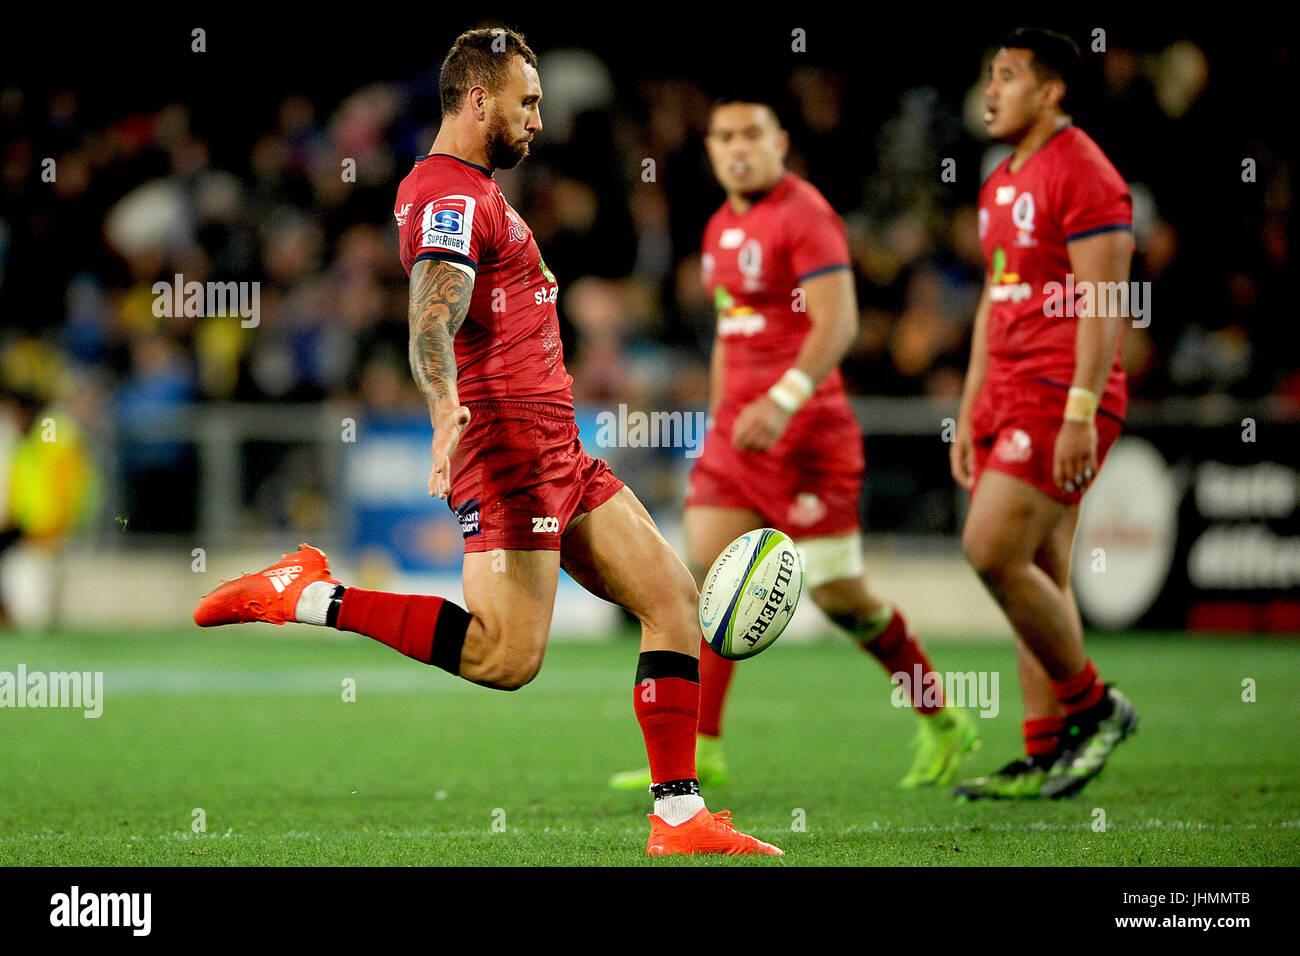 14. Juli 2017, Forsyth Barr Stadium, Dunedin, Neuseeland; Quade Cooper der roten macht einen Kick während der Stockbild